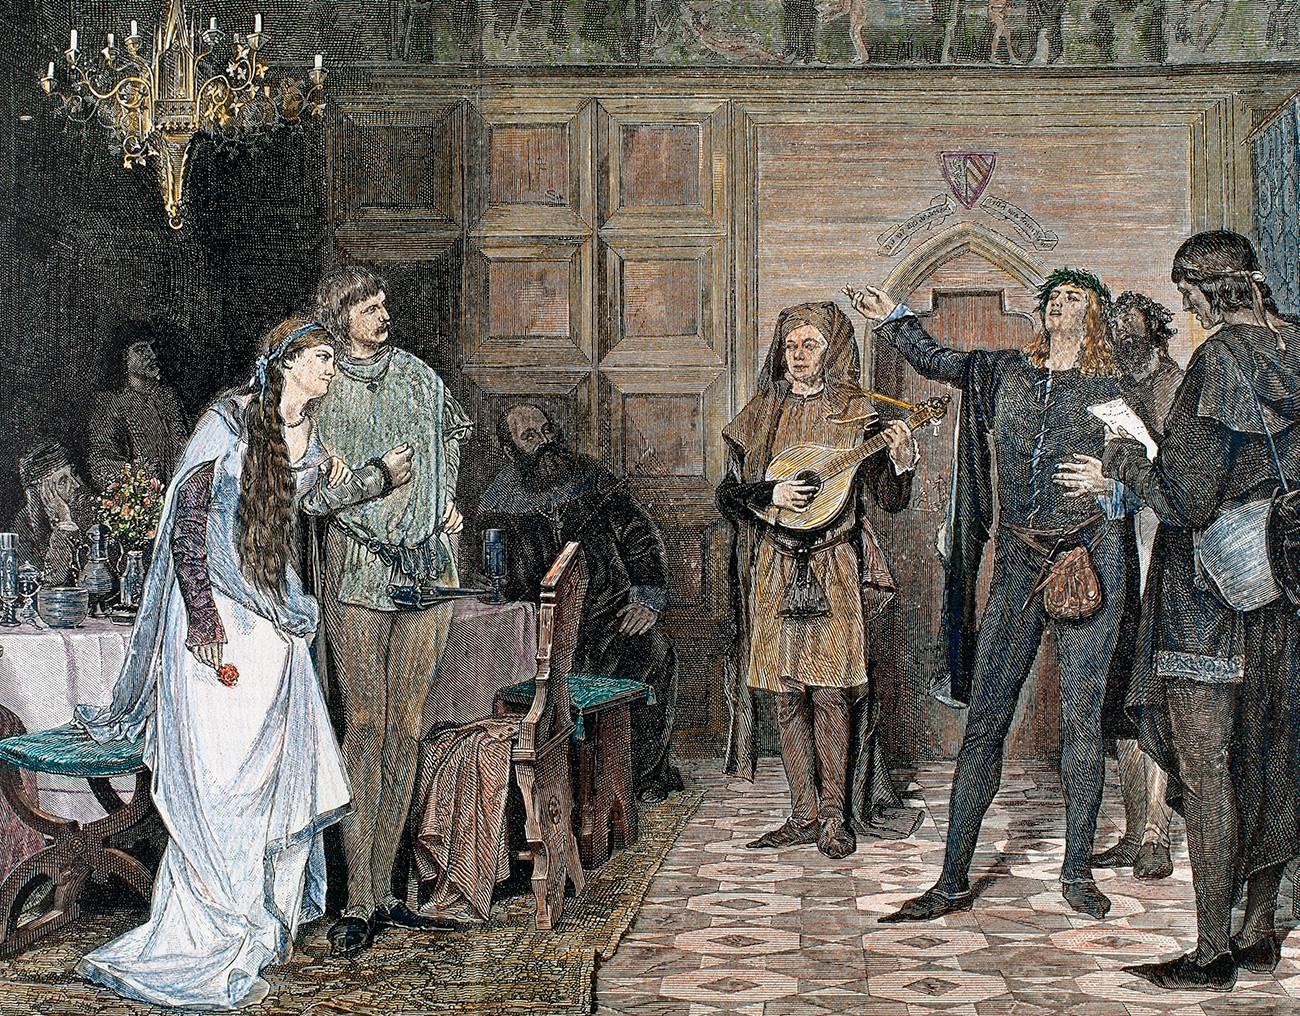 Troubadours chantant et récitant un de ses poèmes, écrits en occitan. 12e et 13e siècles. Gravure en couleur